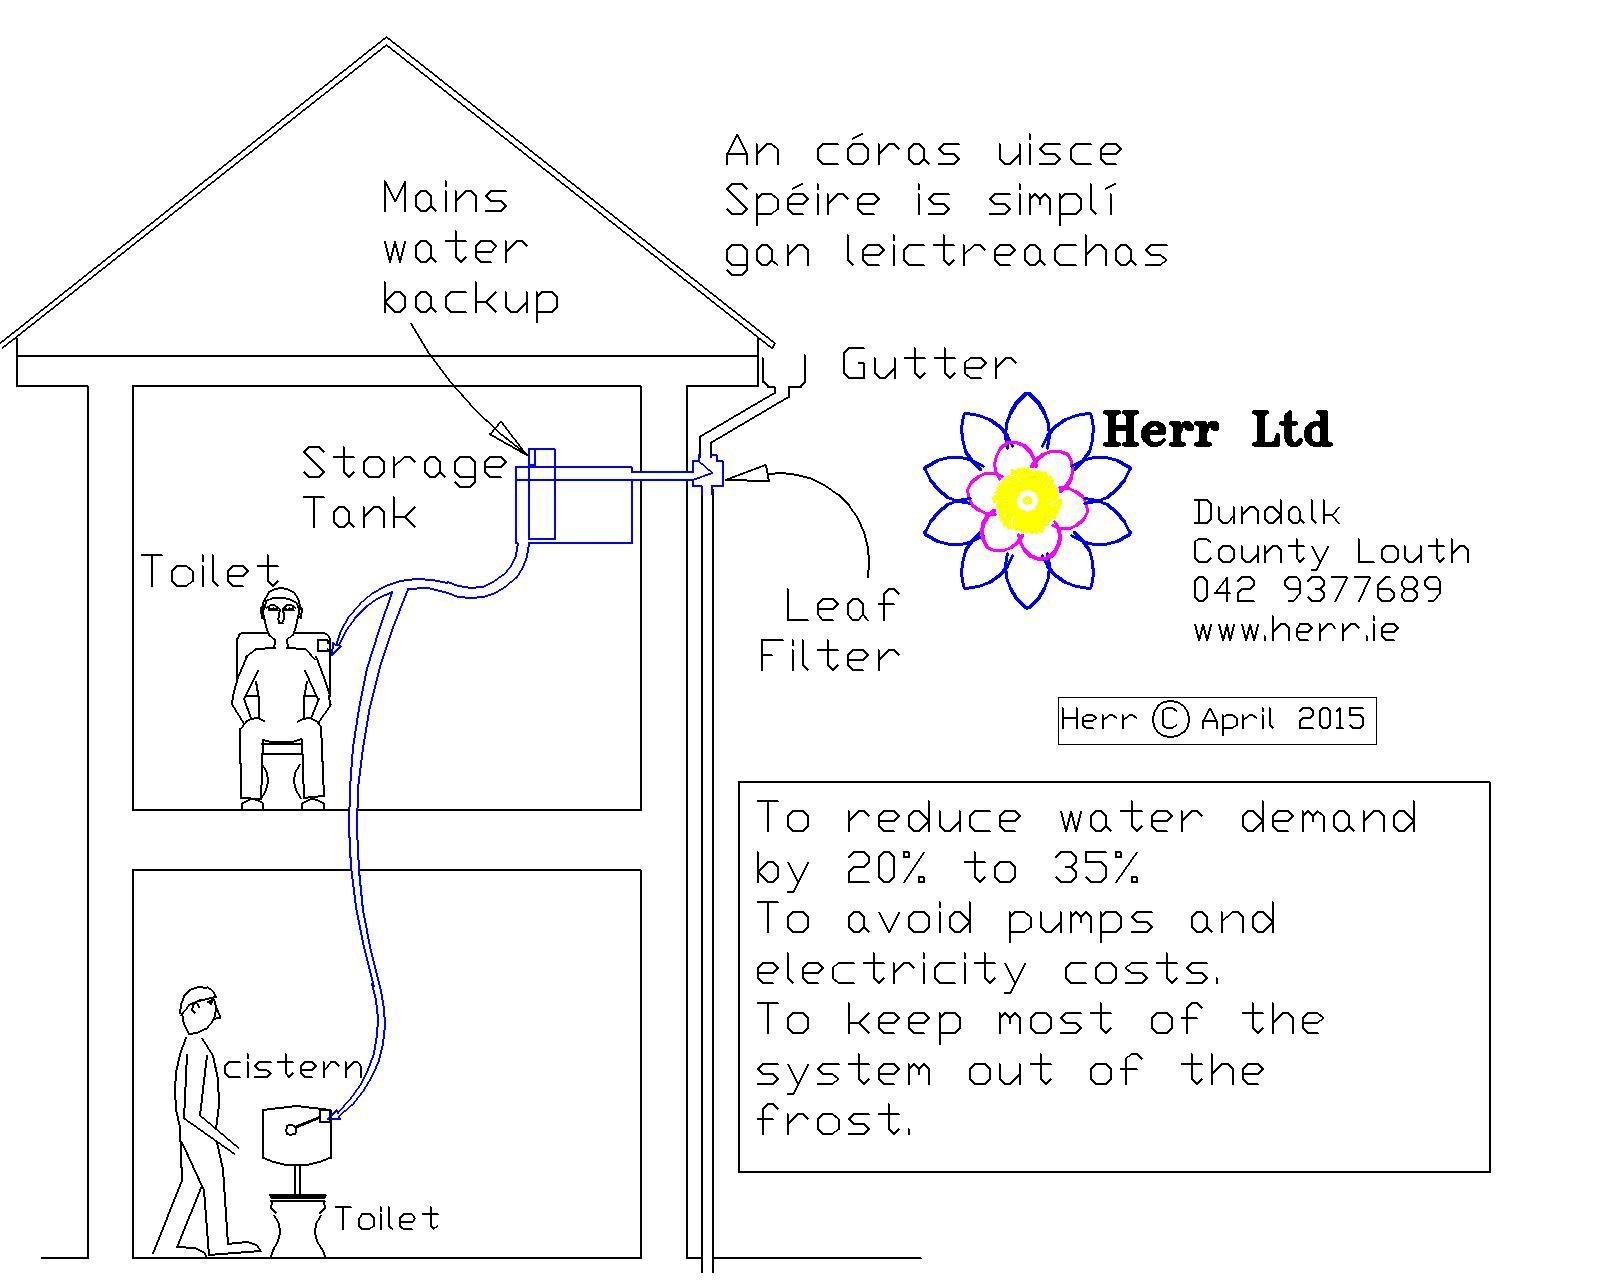 Rainwater Harvesting - Herr Ltd